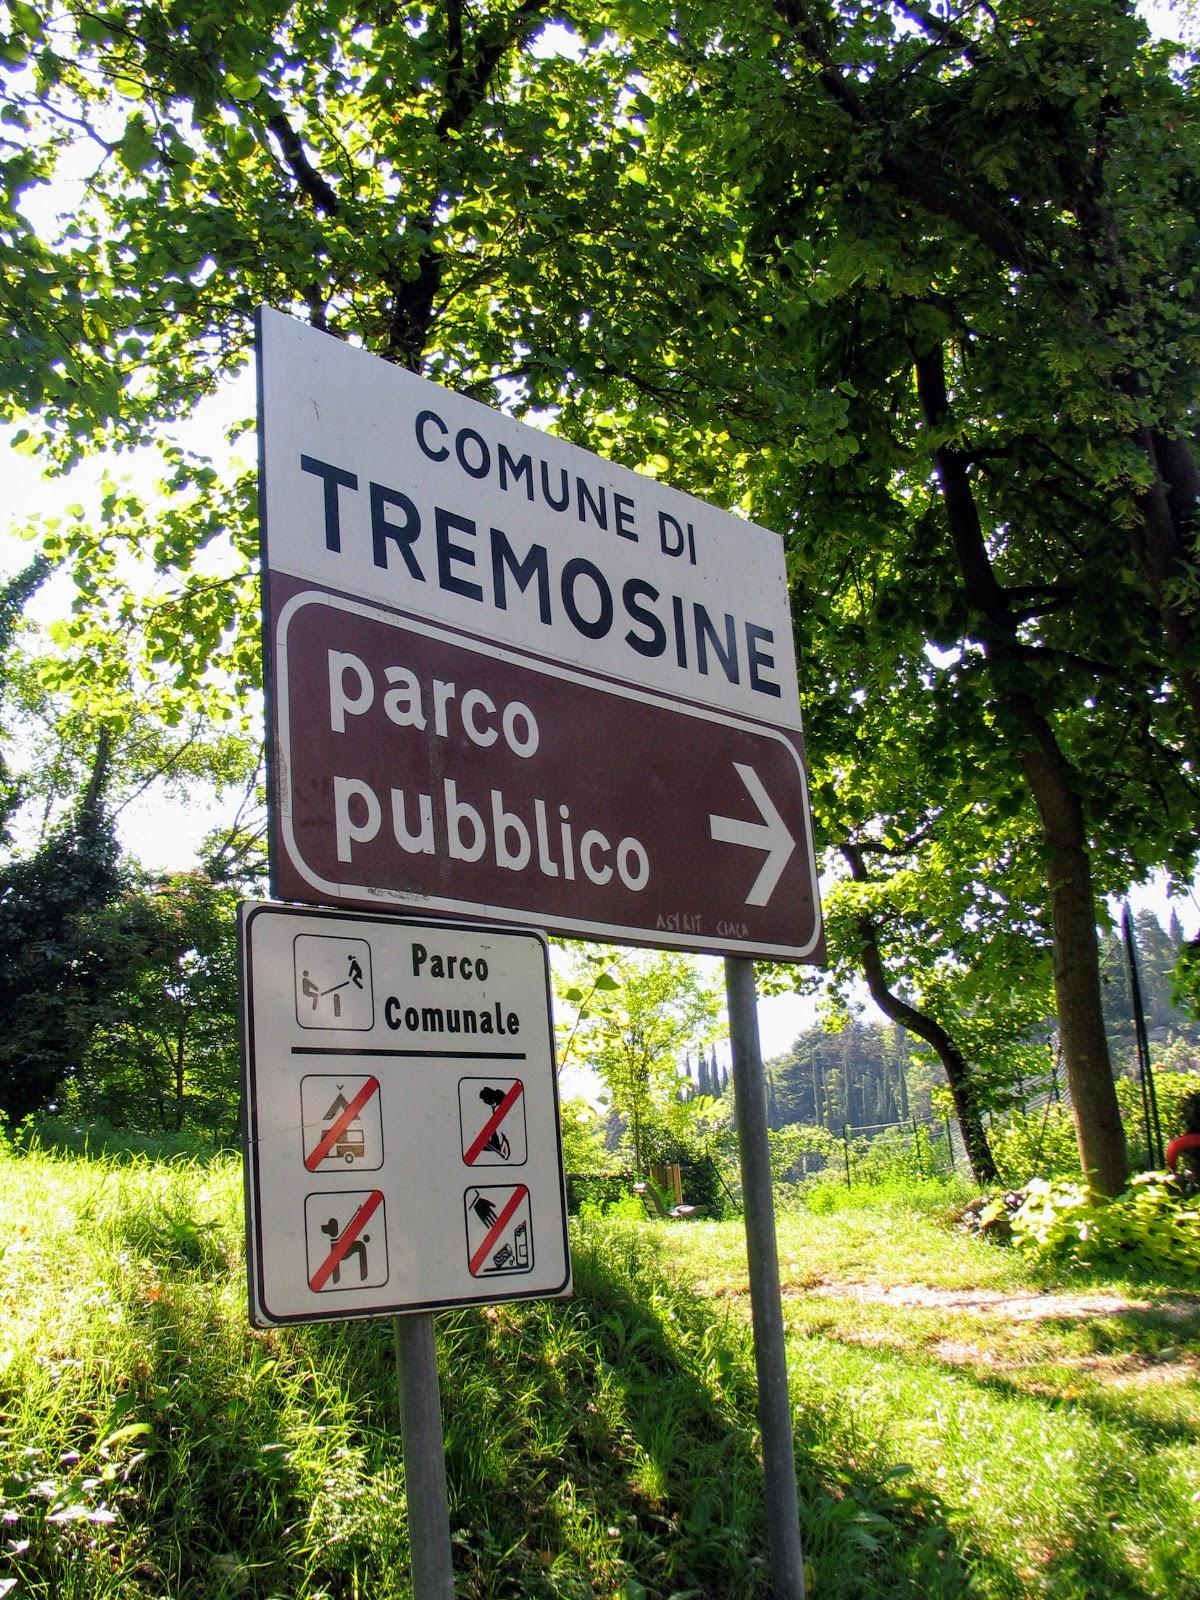 Parking Tremosine